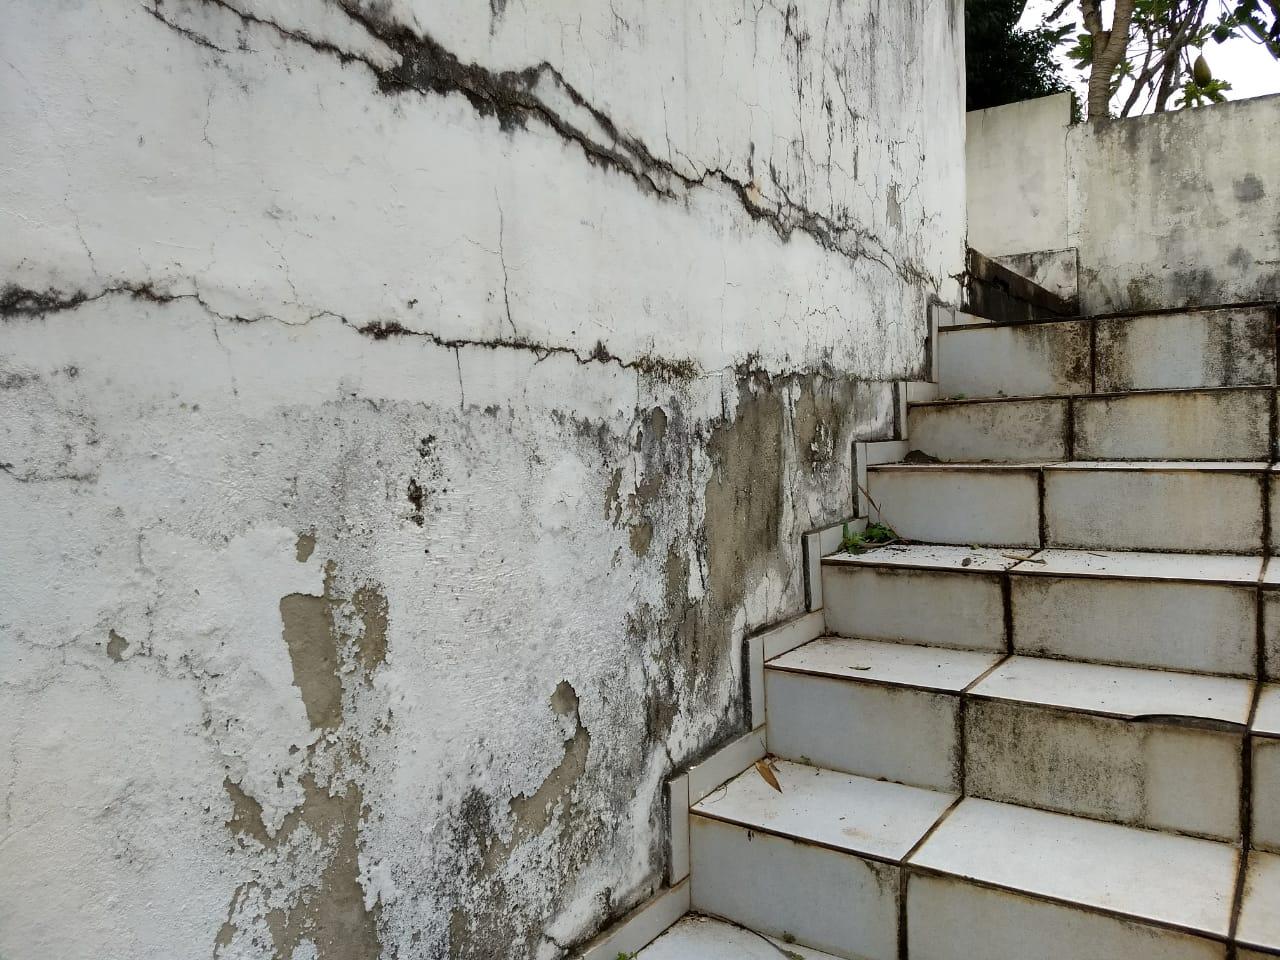 Delegacia geral descentraliza recursos para reforma do prédio de São José do Cedro